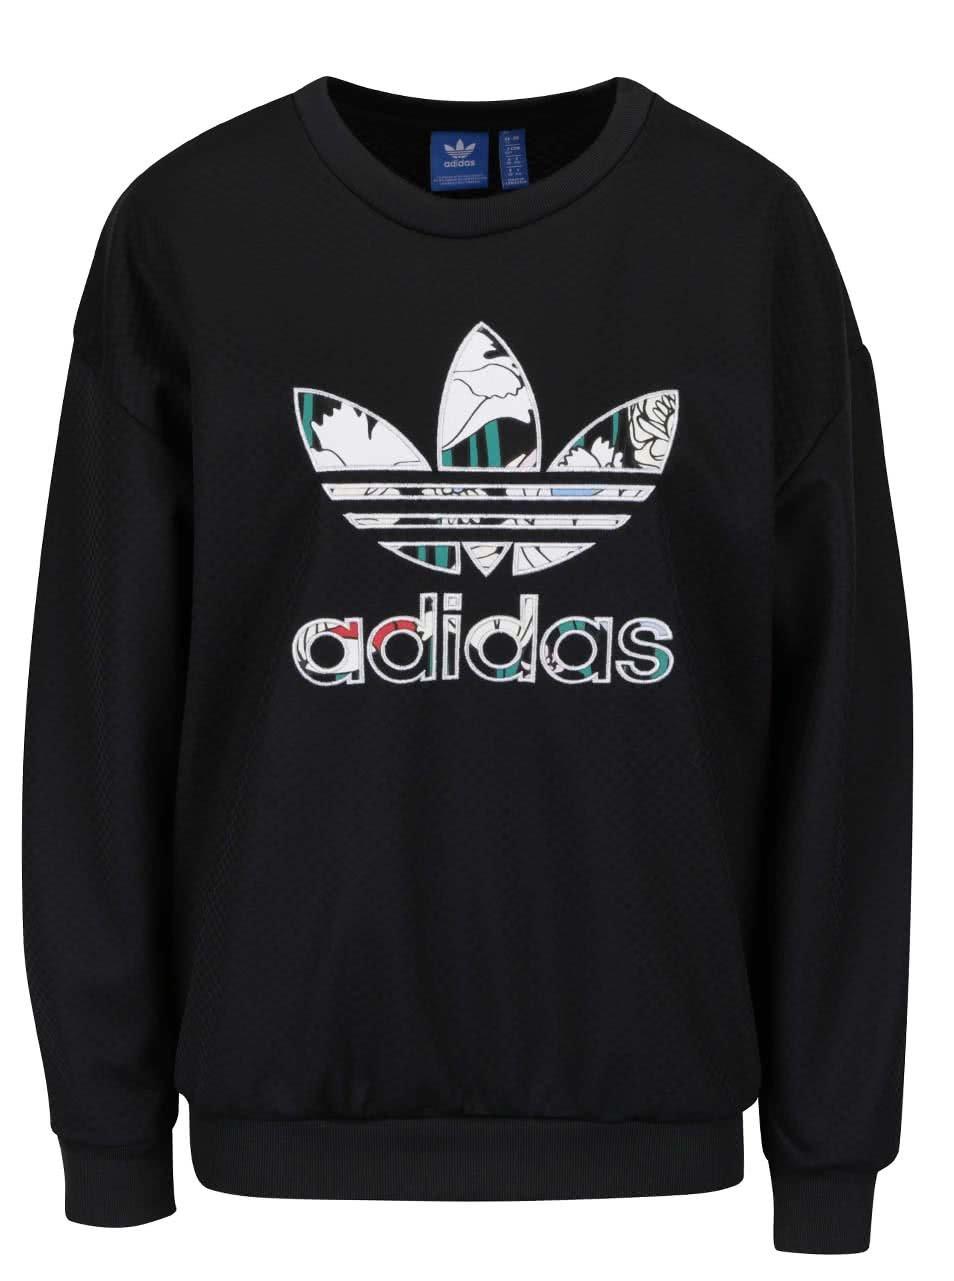 Čierna dámska vzorovaná mikina s logom adidas Originals ... cb4a65af872